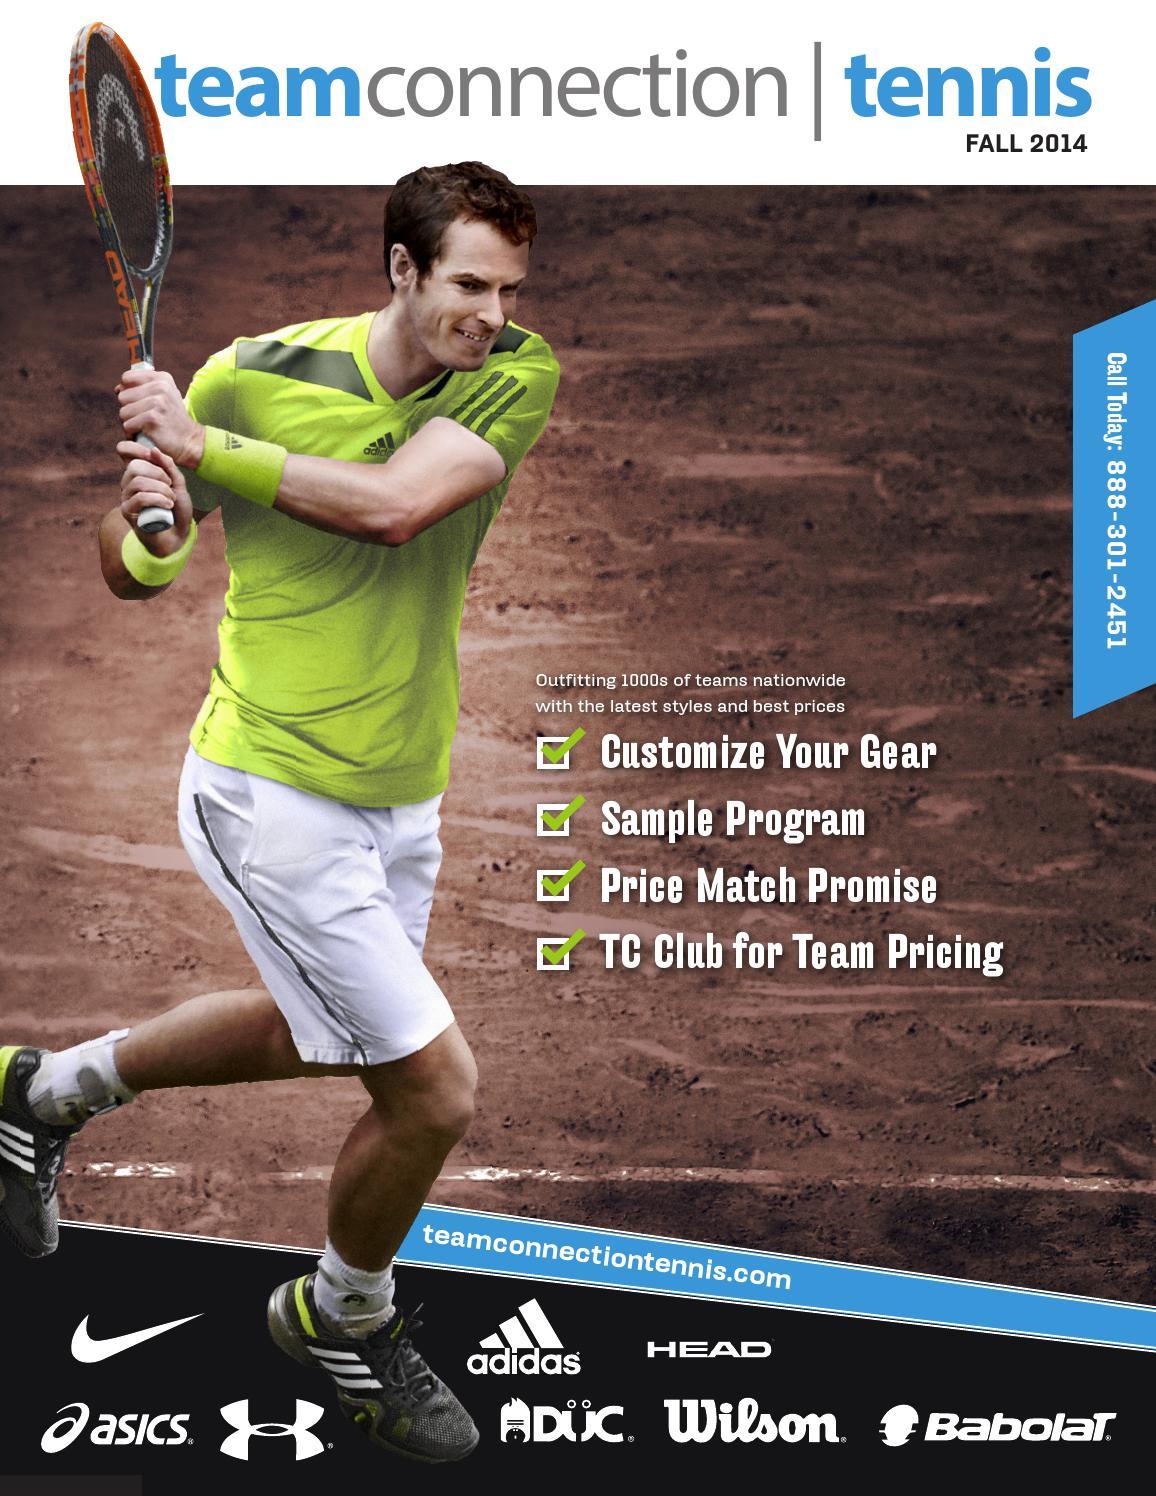 newest 6df79 a9afa Fall 2014 Tennis Catalog